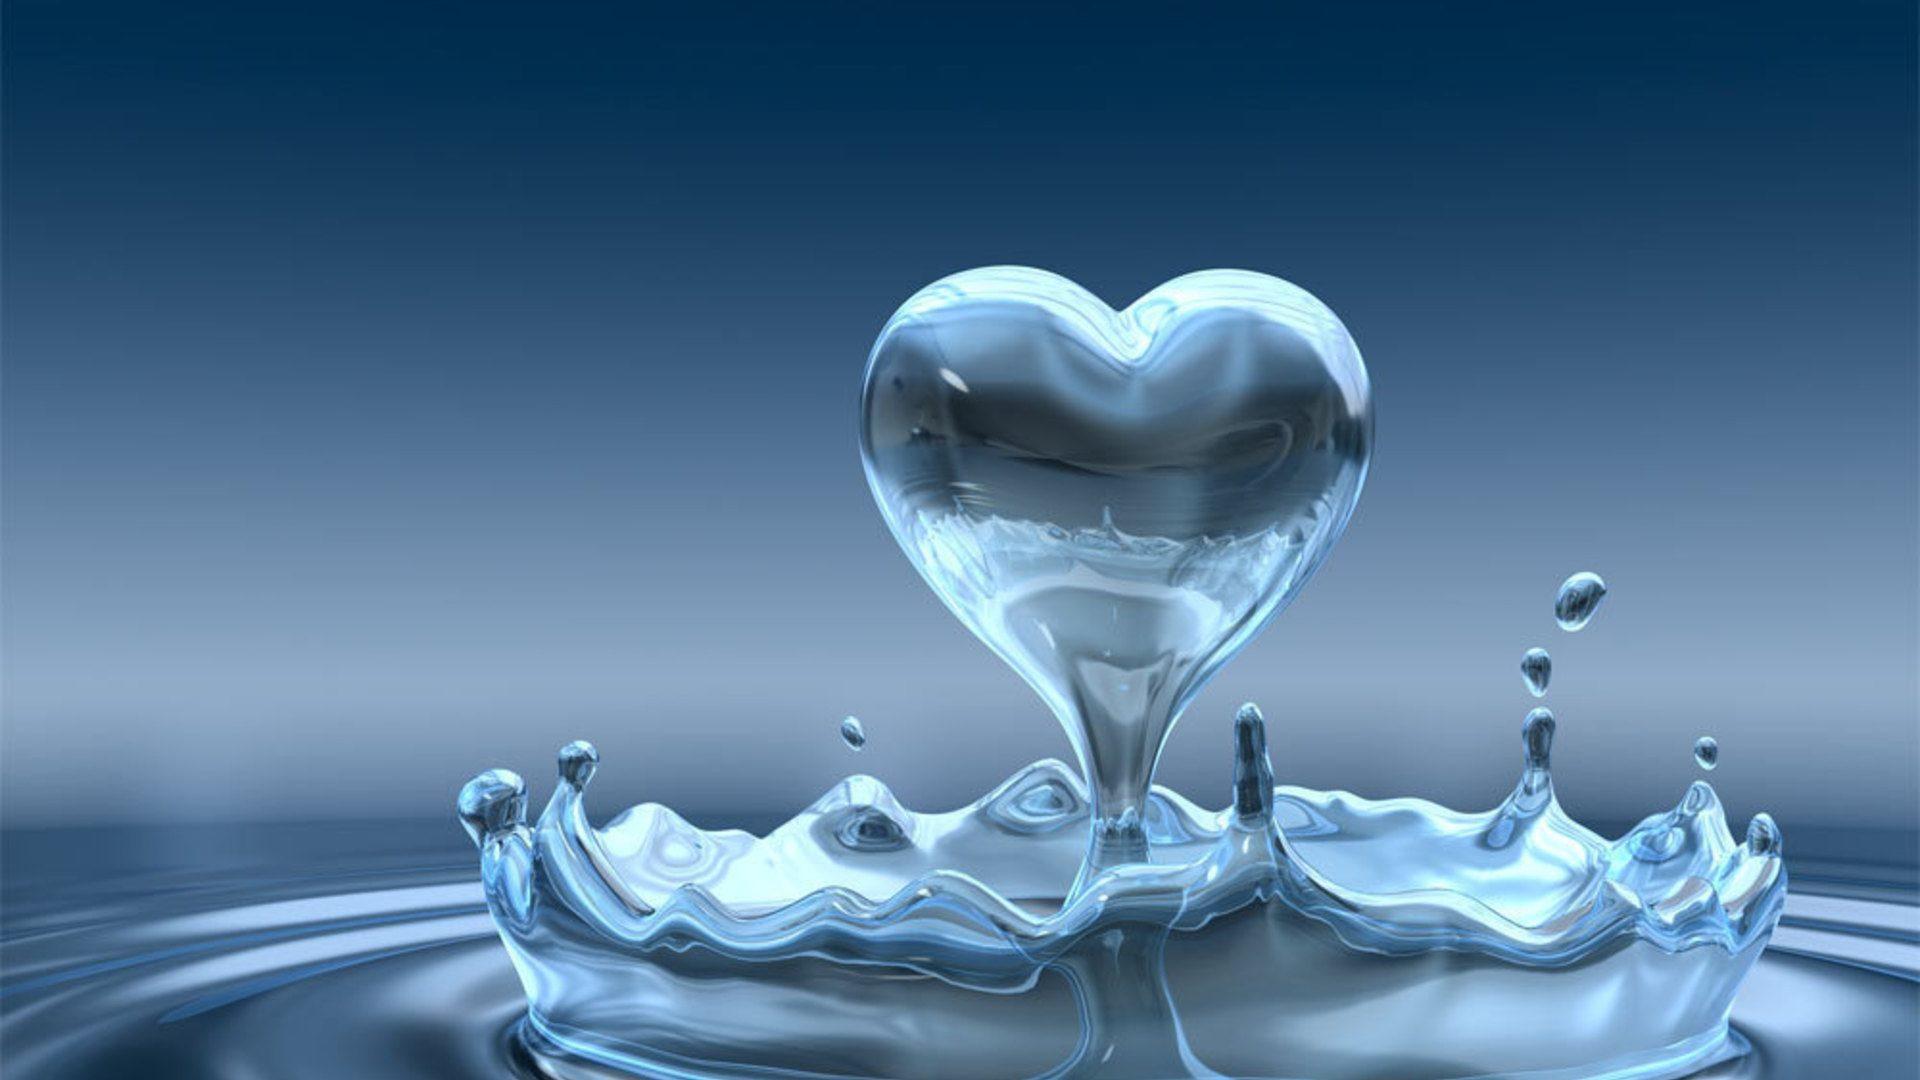 Love wallpapers hd amor fondos de pantalla love 3d for Imagenes fondo 3d